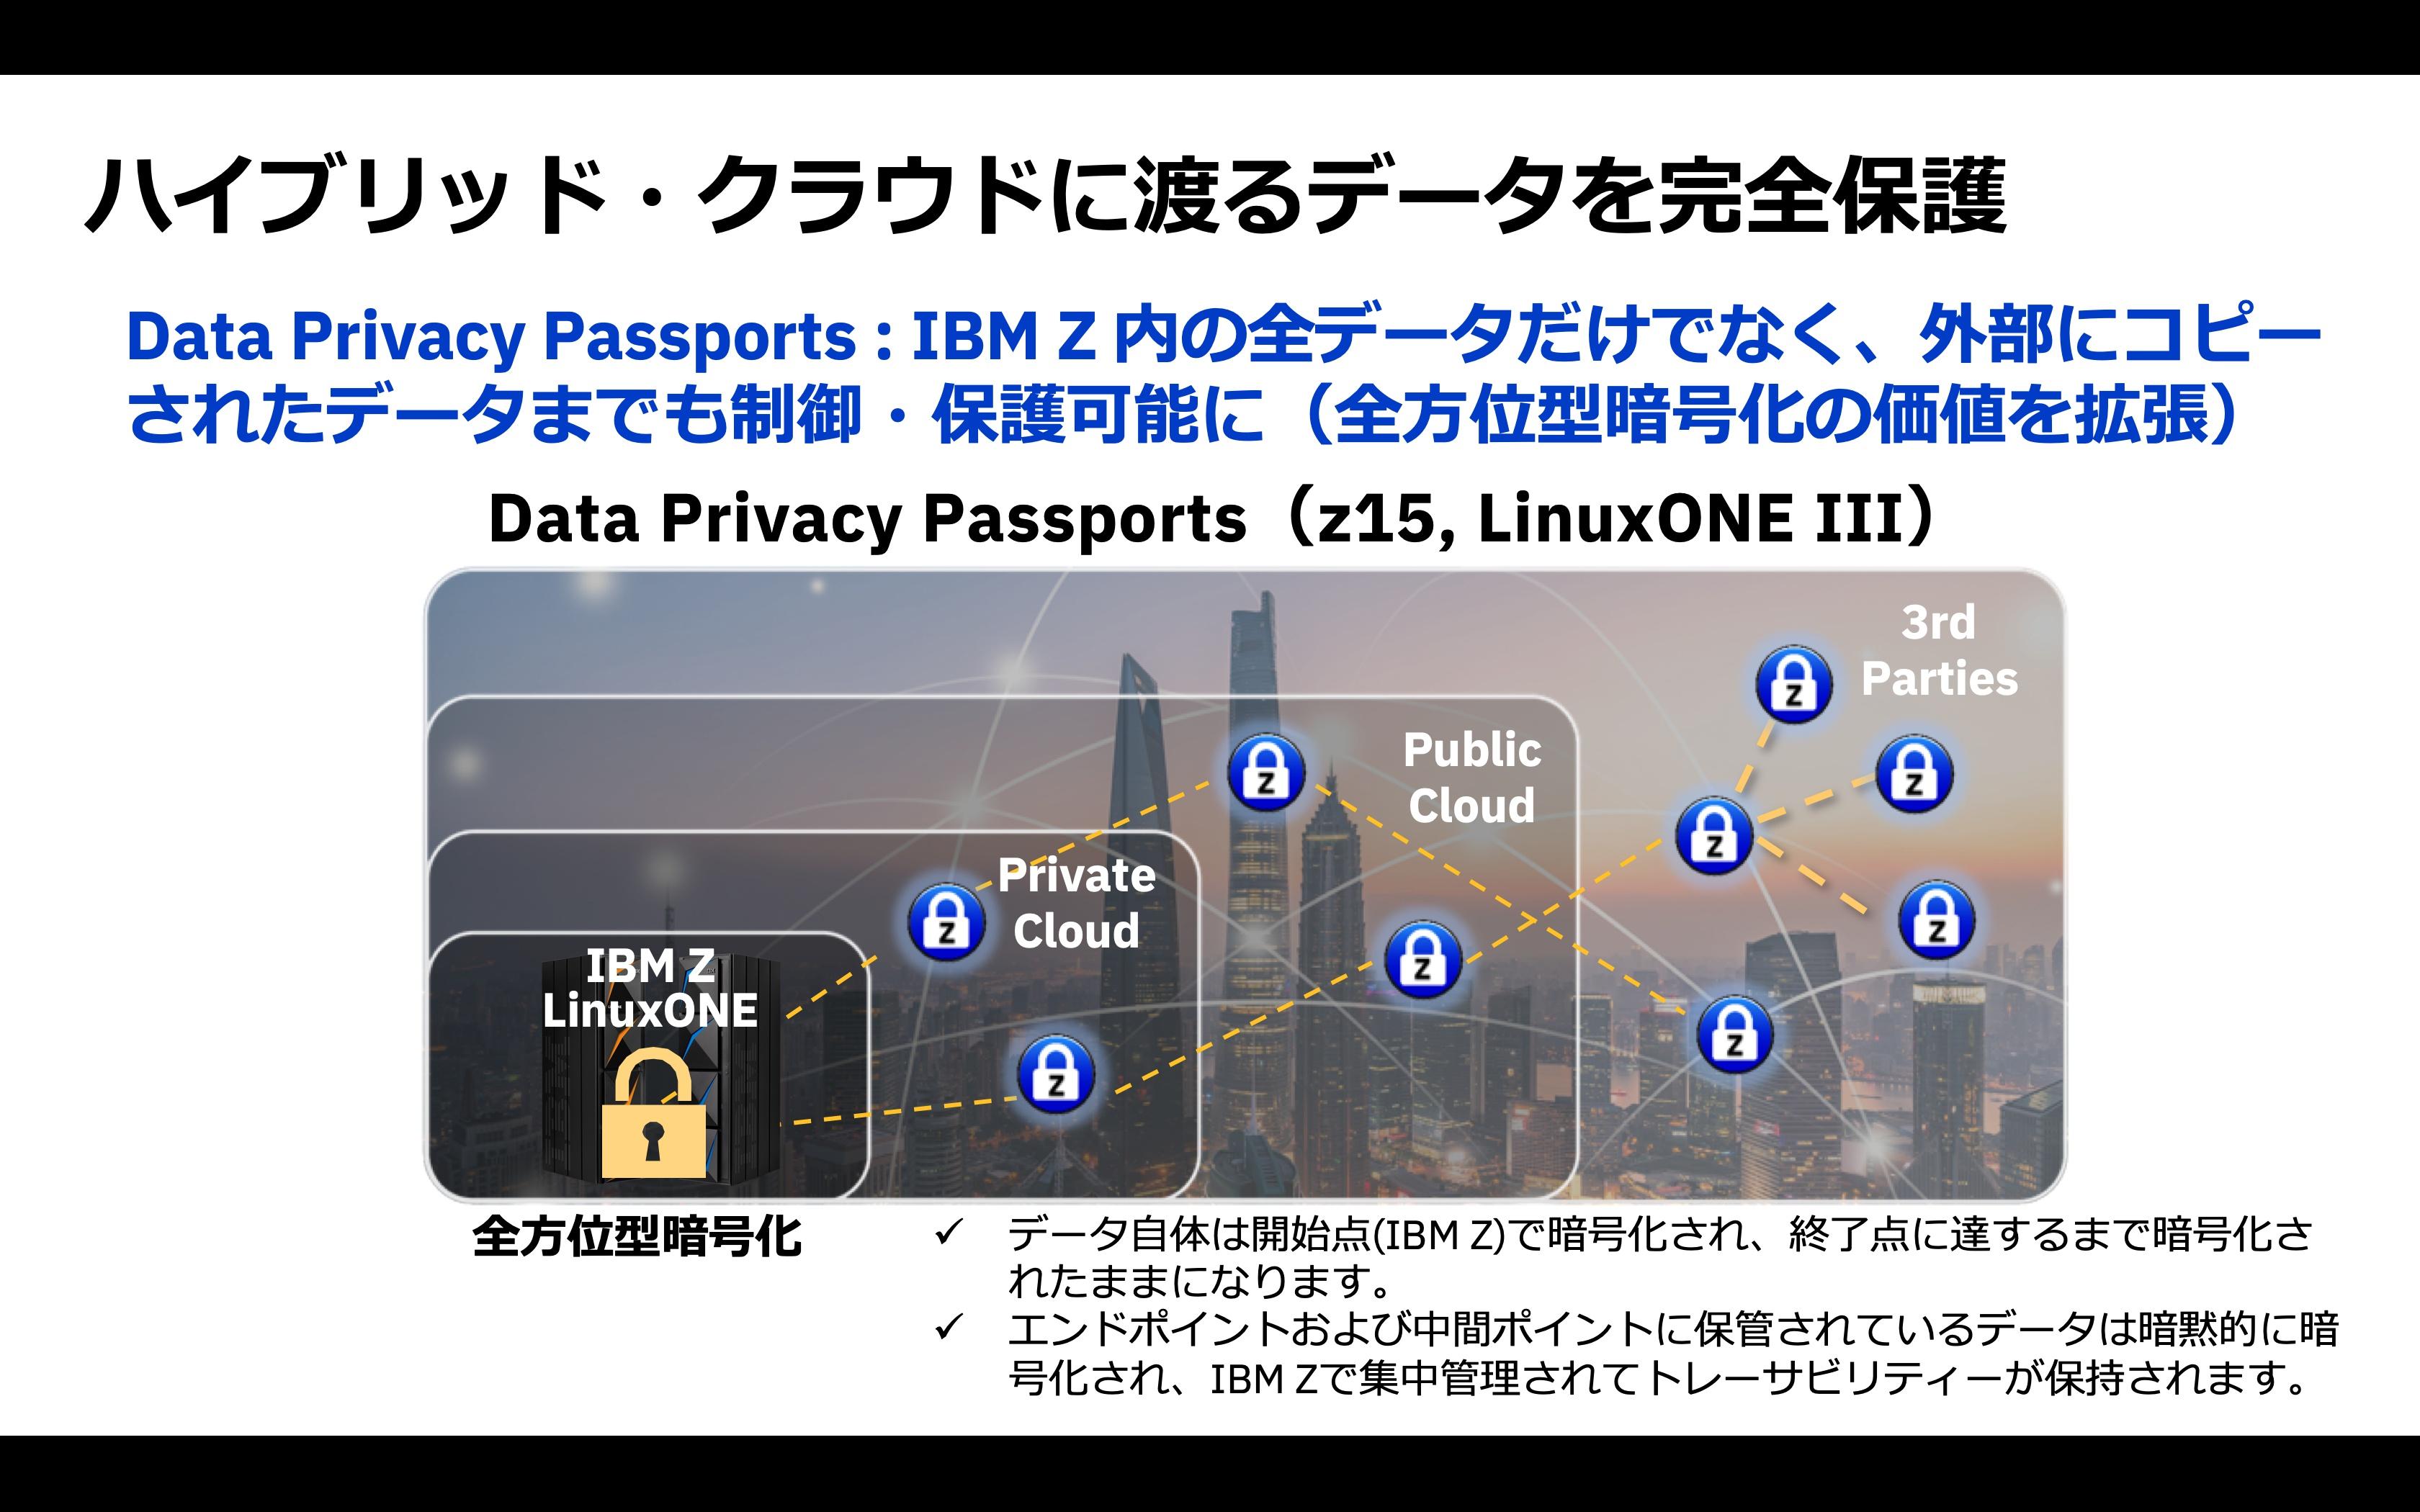 IBM Z内の全データだけでなく、外部にコピーされたデータまでも制御・保護する